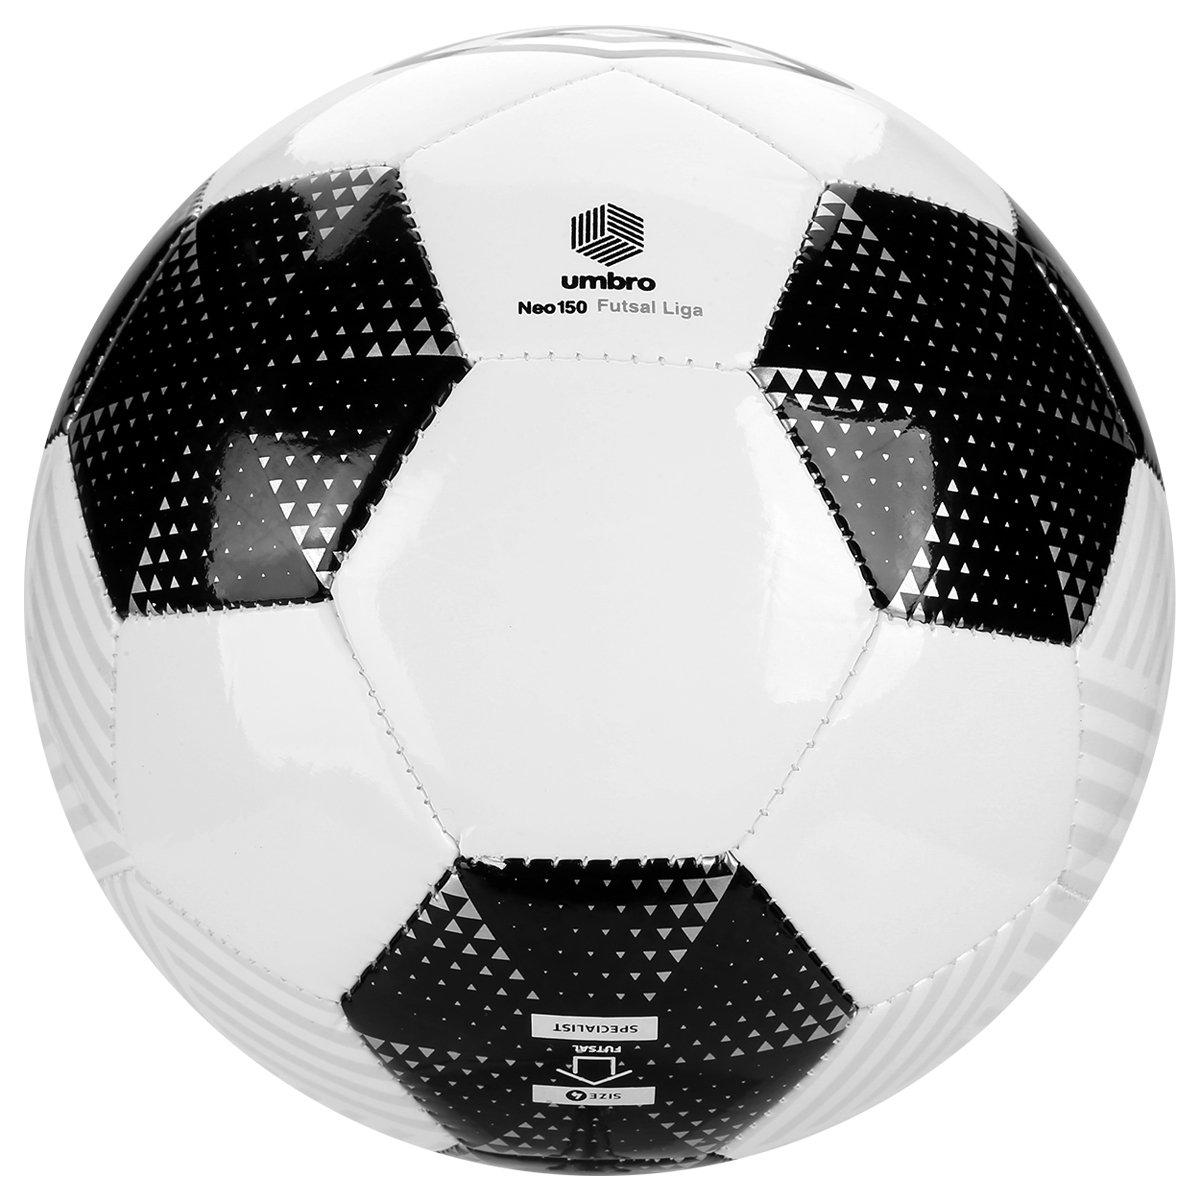 b024f6fe03b32 Bola Futebol Umbro Neo Liga Futsal - Compre Agora